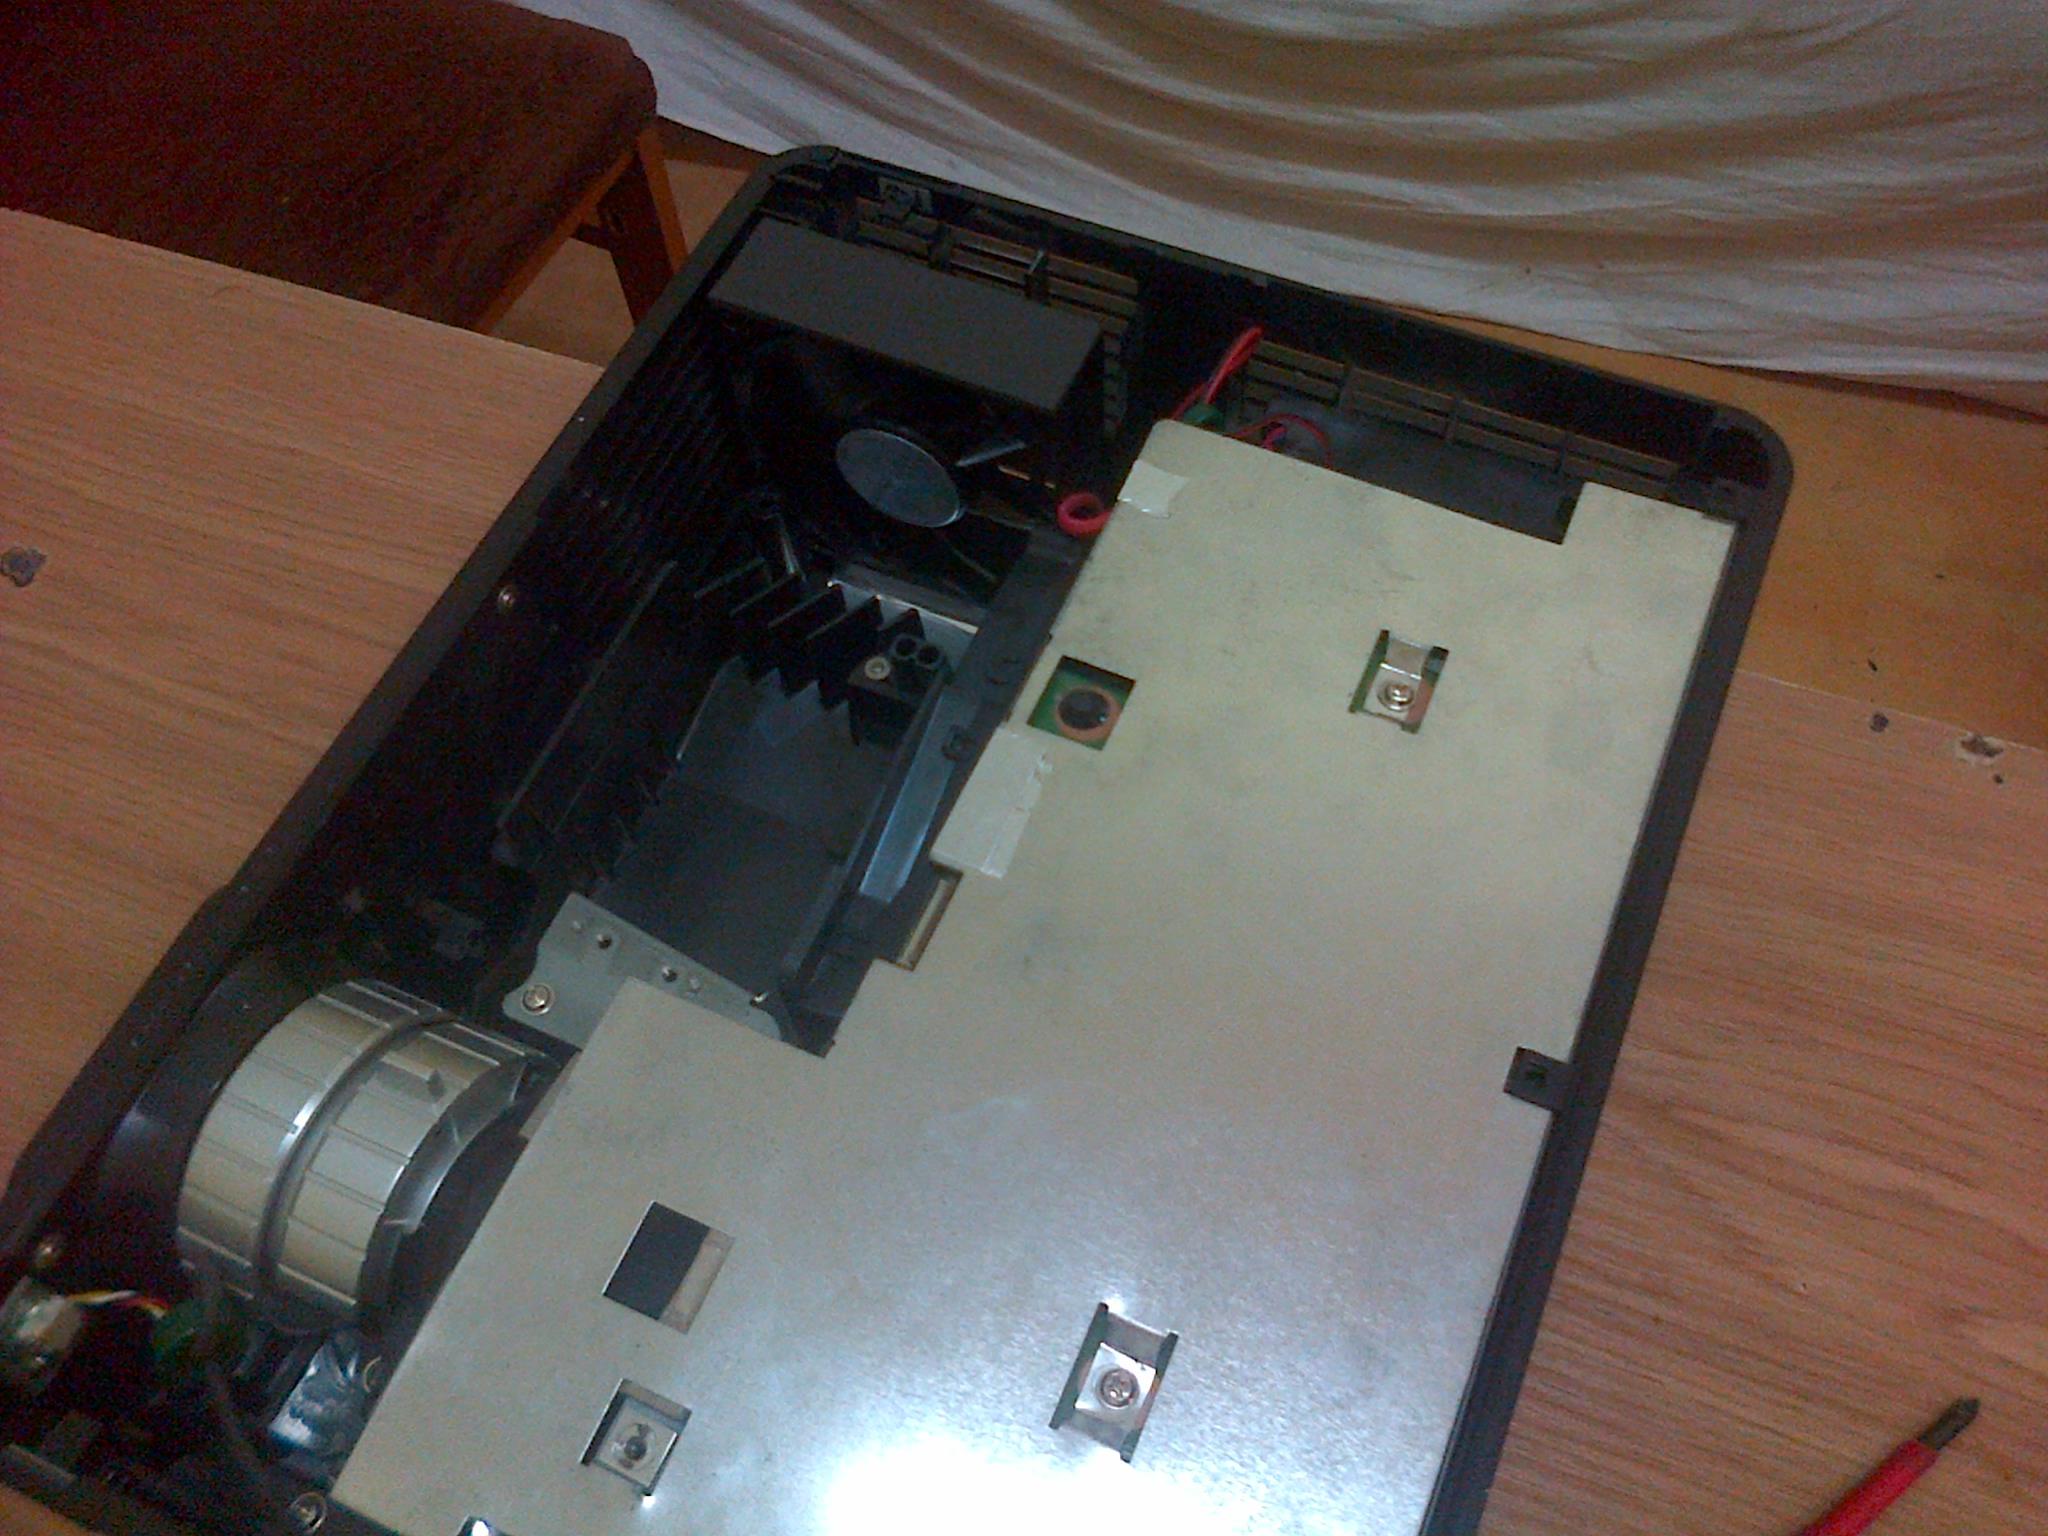 Acer P5260 - W kt�r� strone powinny wia� wentylatory?